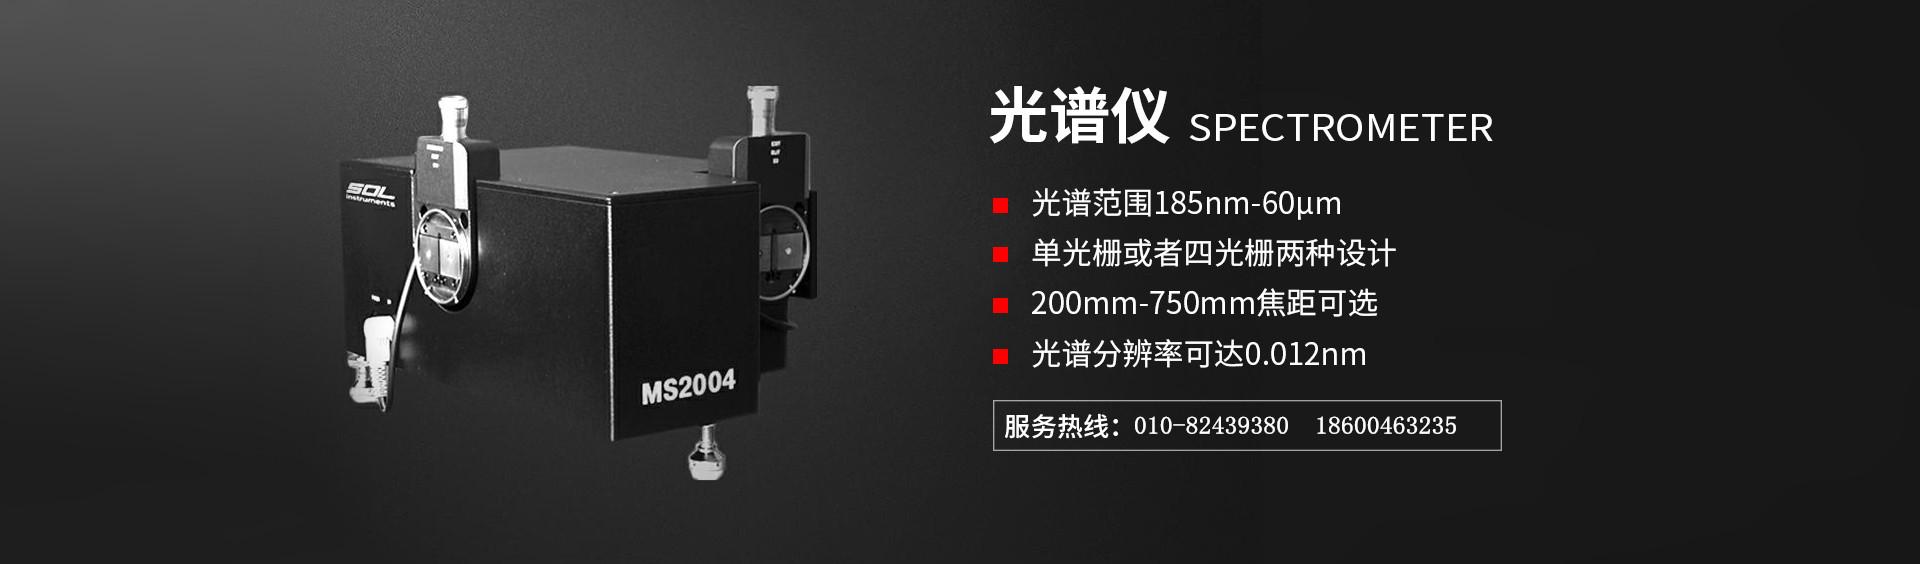 东方闪光(北京)光电科技有限公司